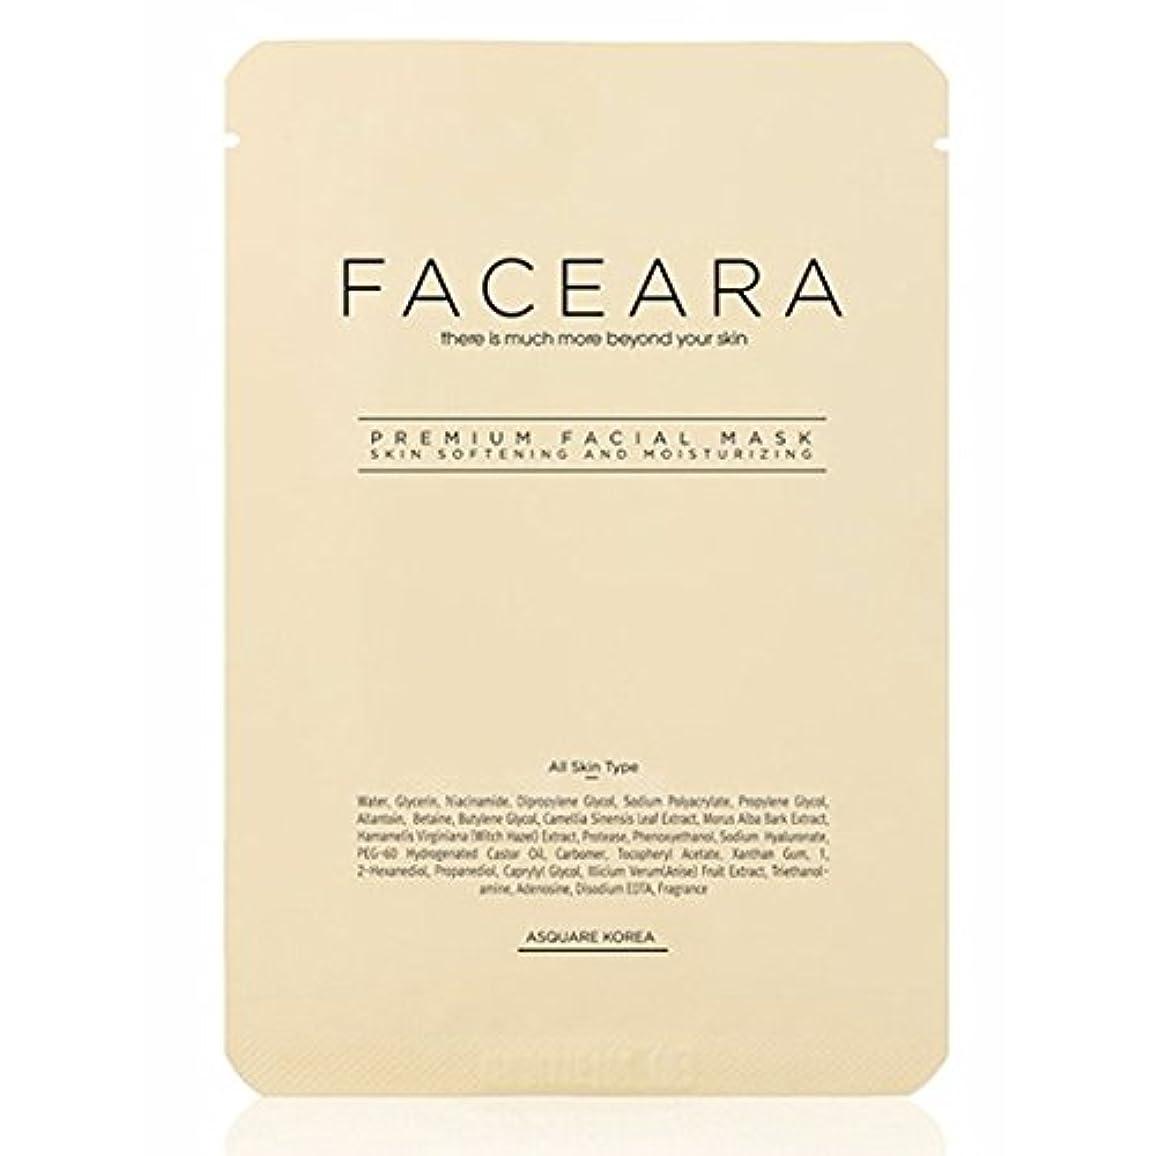 変動する柔らかい損失[並行輸入品] FACEARA スクラブ&スーパーモイスチャライザー用プレミアムフェイシャルマスクシート25g 5本セット / FACEARA Premium Facial Mask Sheet for Scrub & Super Moisturizer 25g 5pcs Set (Made in Korea)